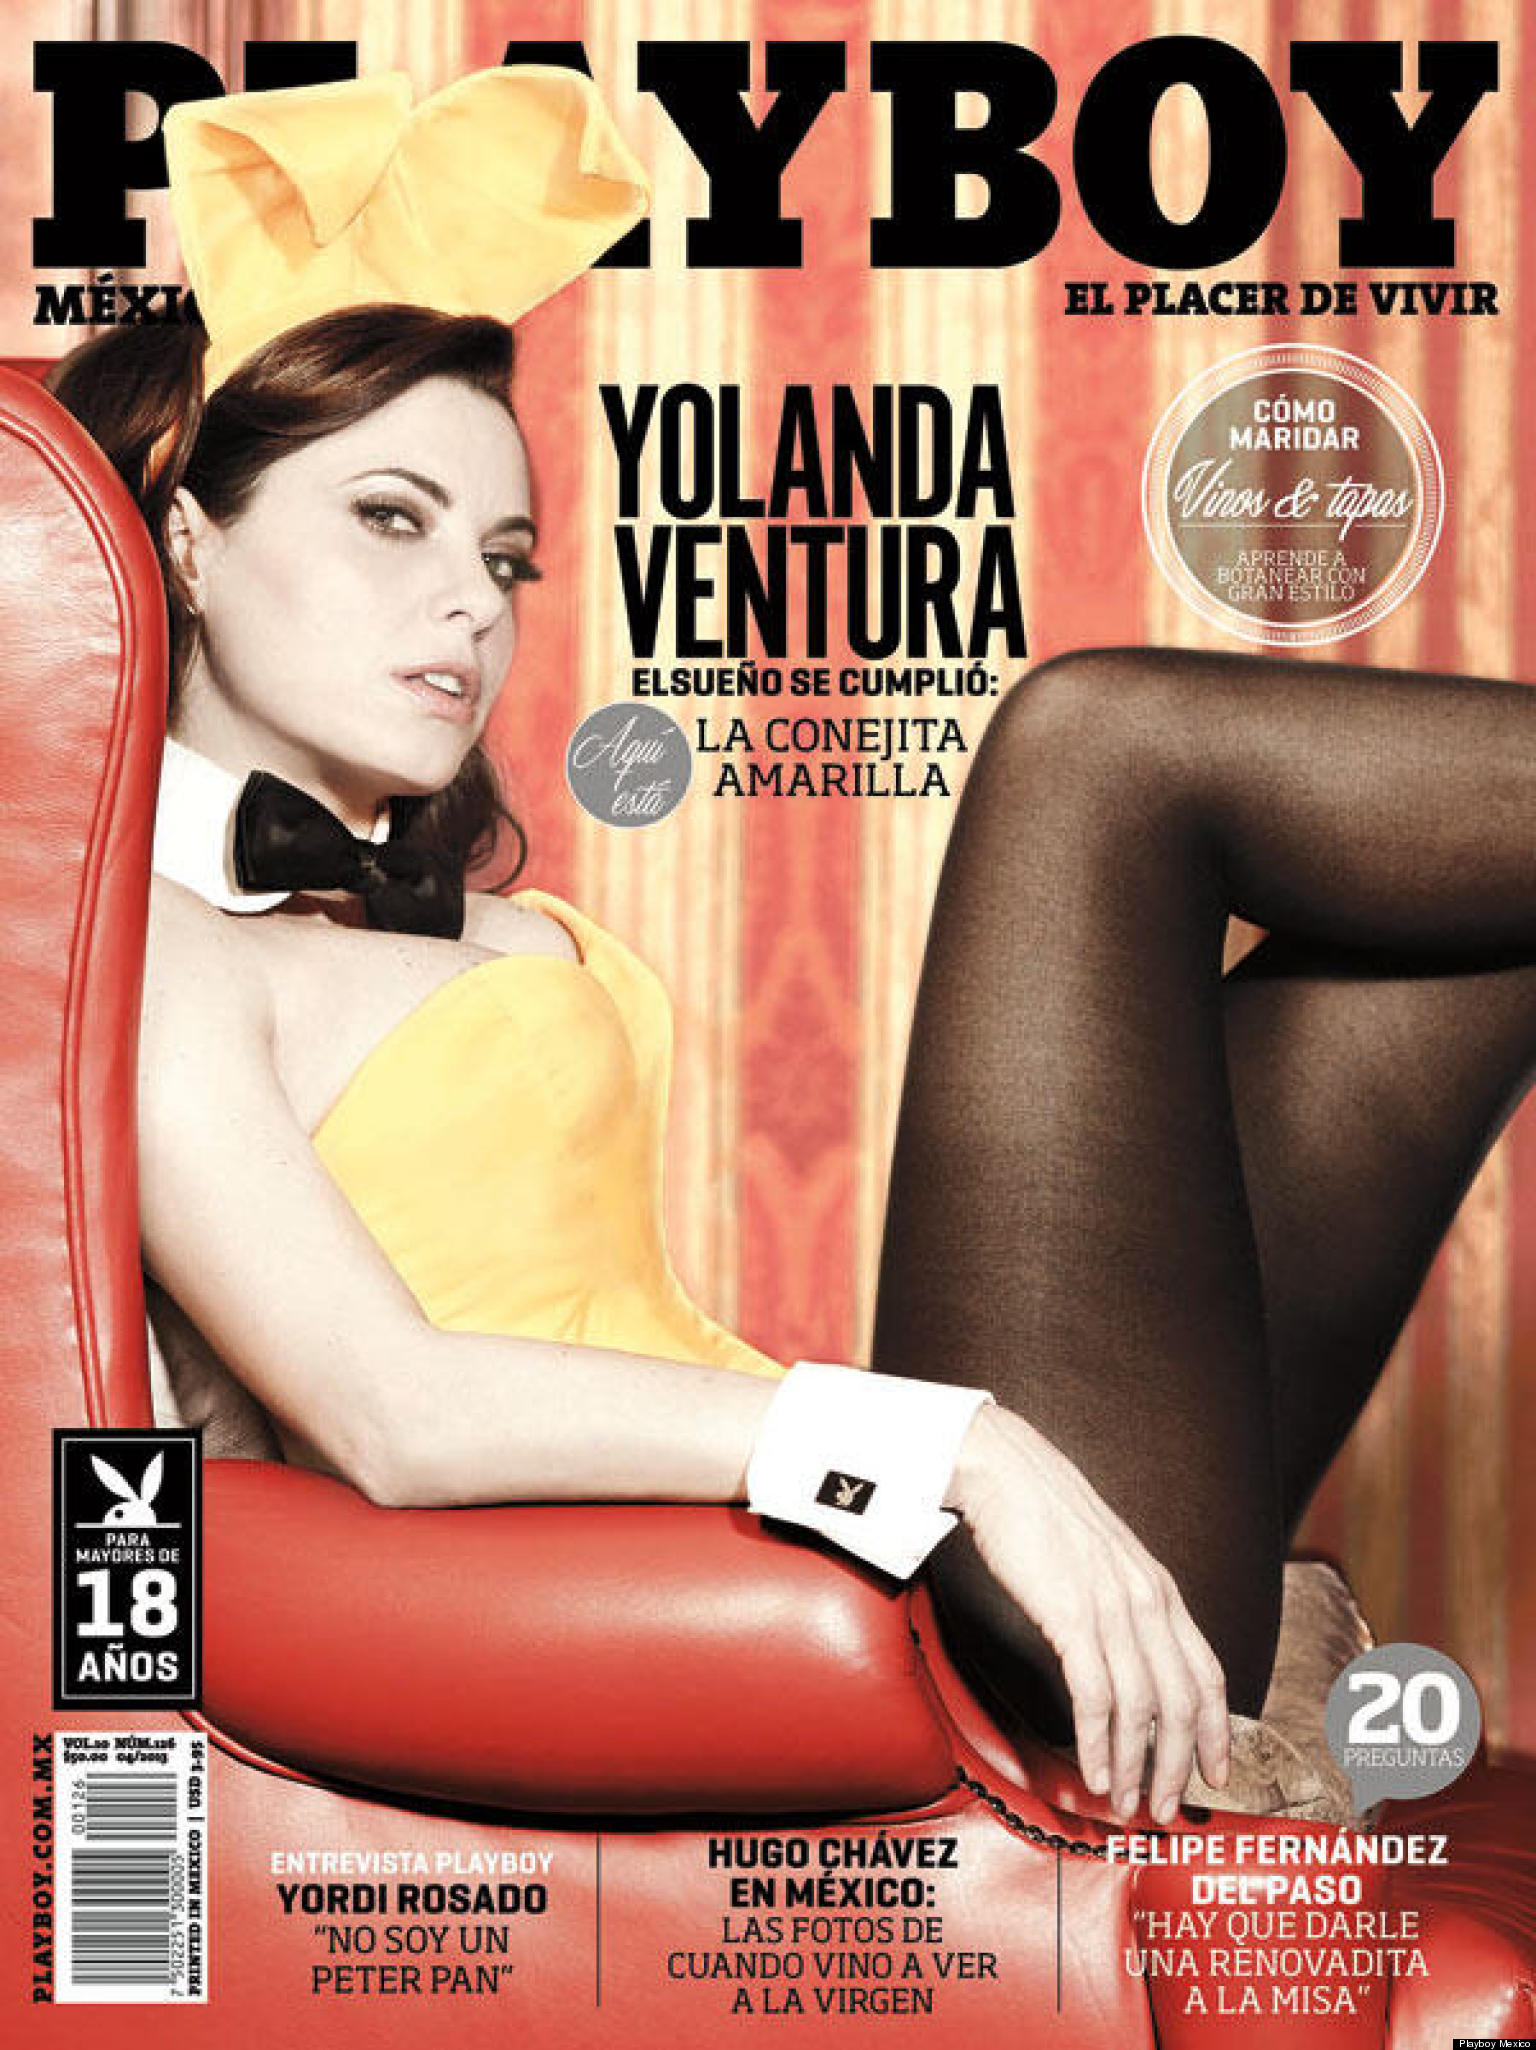 Portada de Playboy con Yolanda Ventura